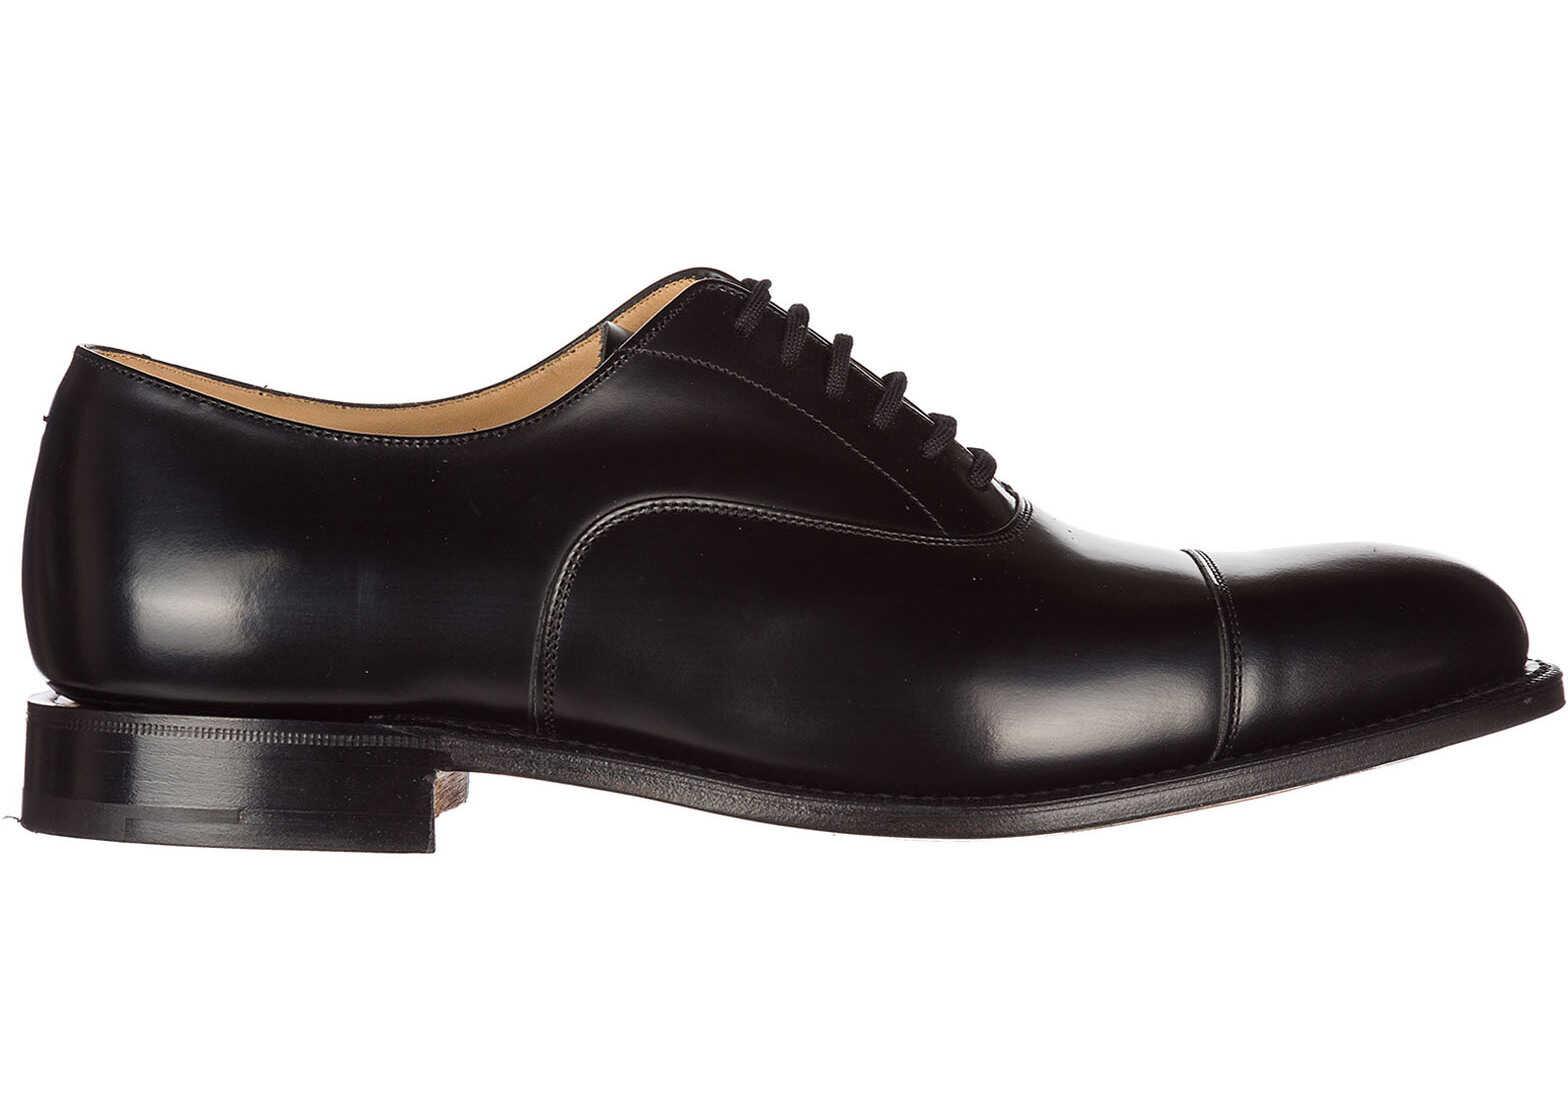 Church's Shoes Oxford DUBAI F0AAB Black imagine b-mall.ro